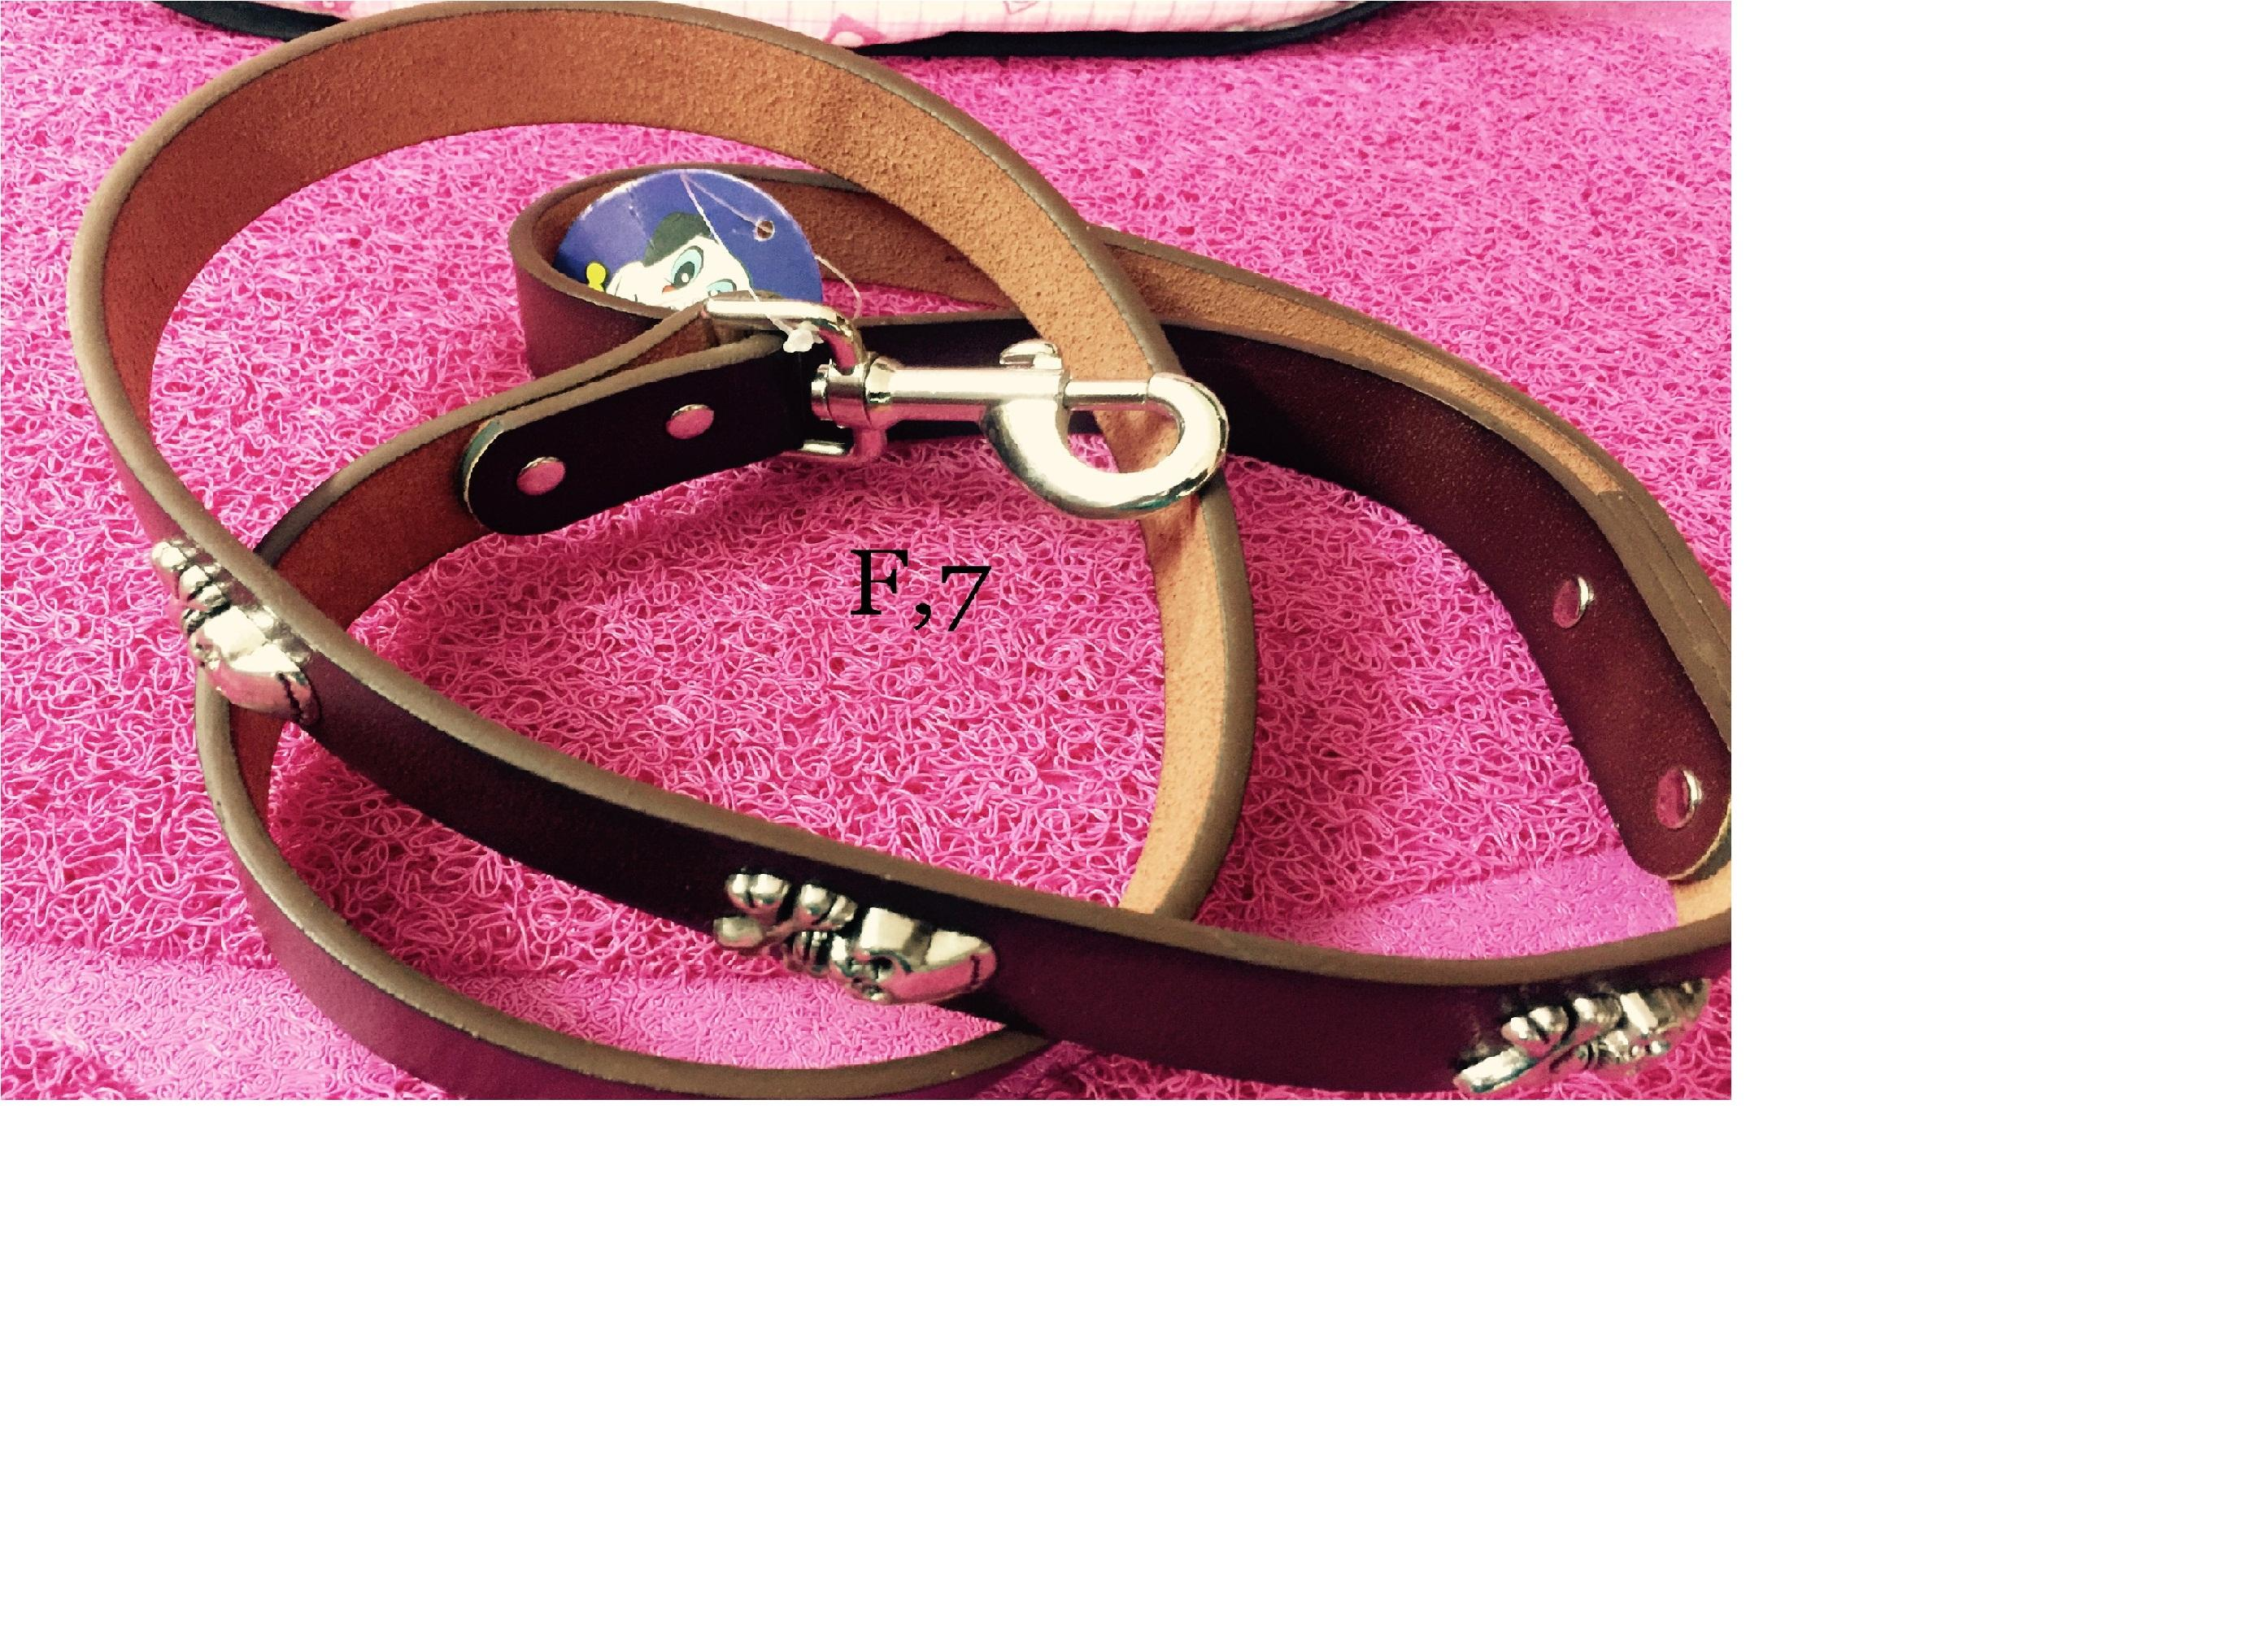 Leather Belt - Pet Accessories - Pet Store - Pet supplies